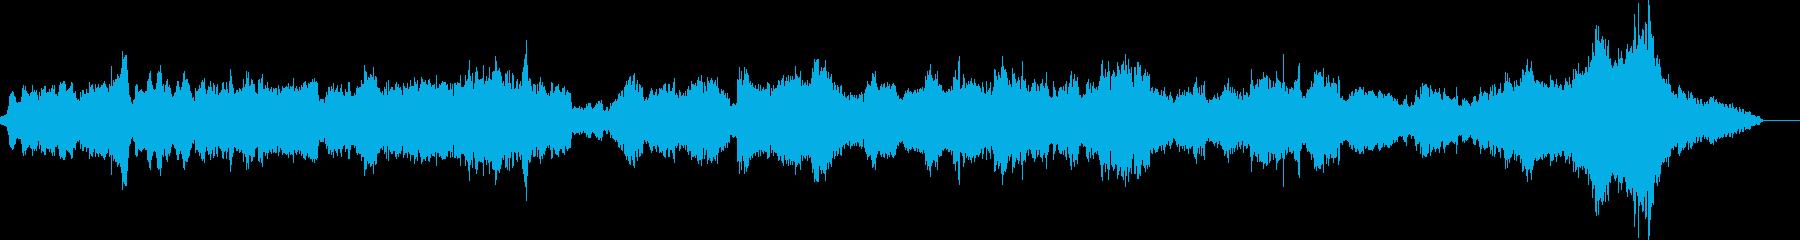 オーボエがメインのミステリアス・緊張の曲の再生済みの波形